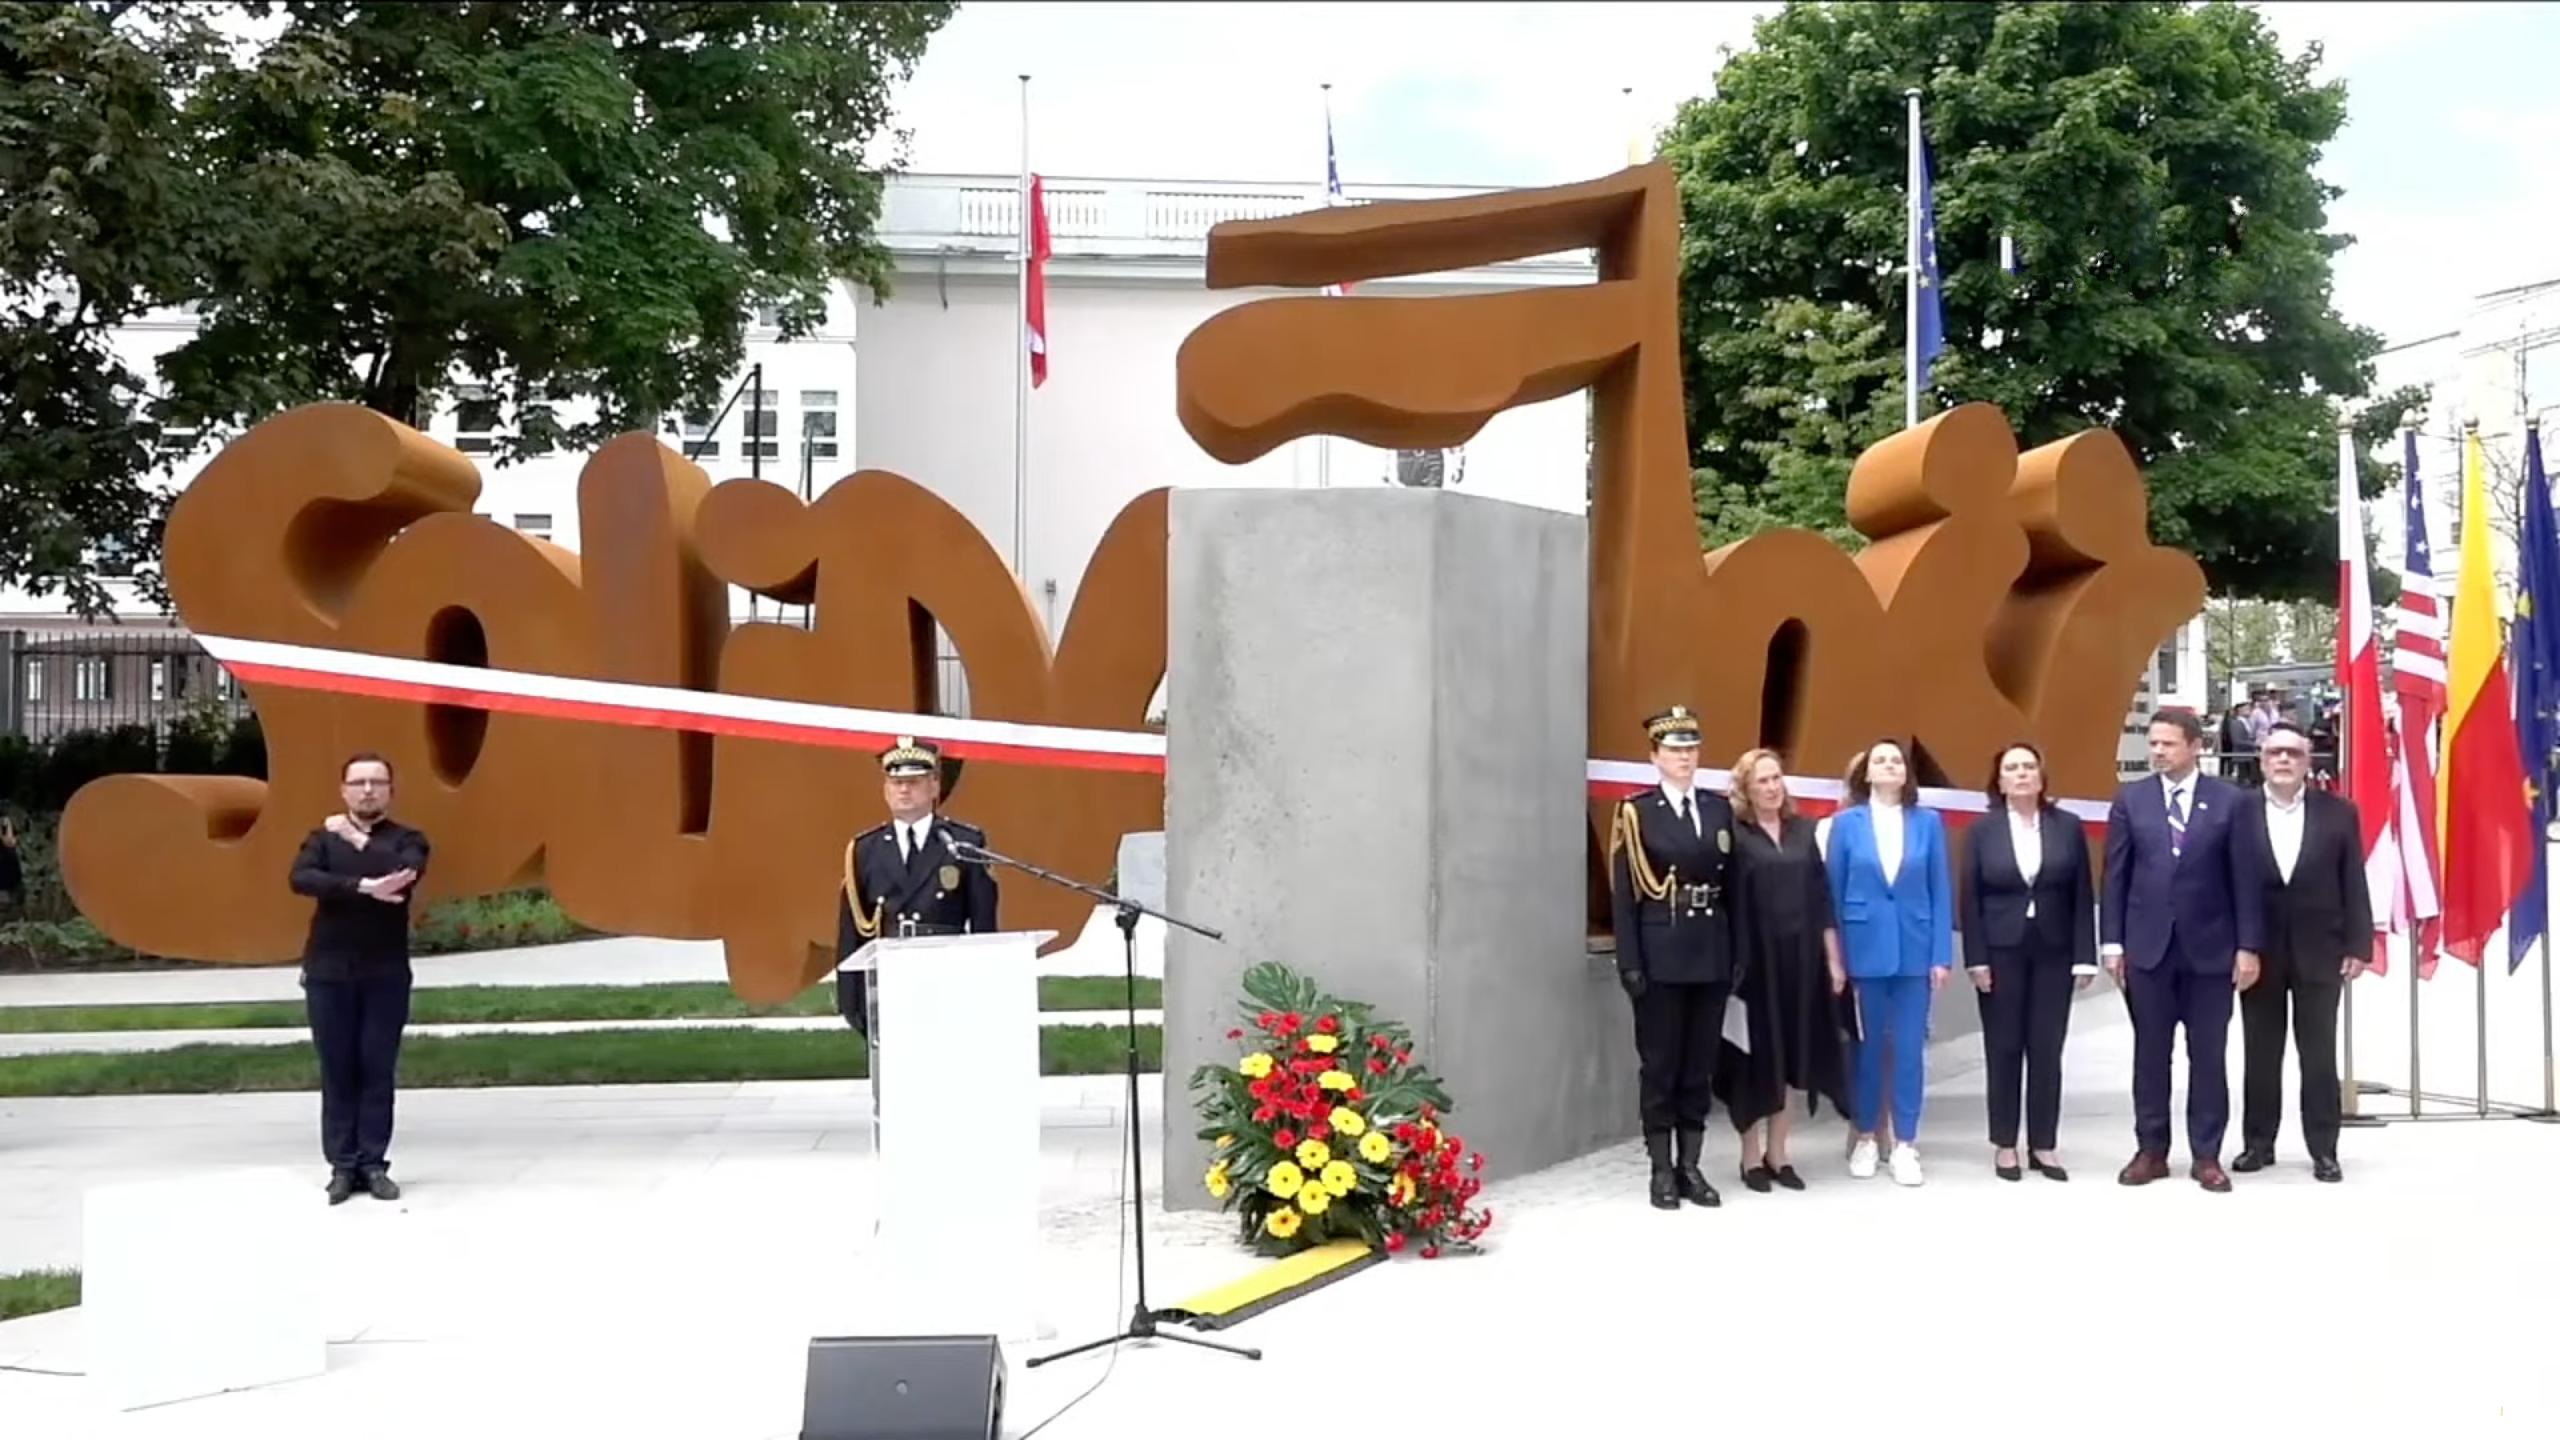 """""""Bezprawie"""" – Przewodniczący Solidarności atakuje odsłonięcie pomnika wWarszawie. Powiadomiono prokuraturę"""